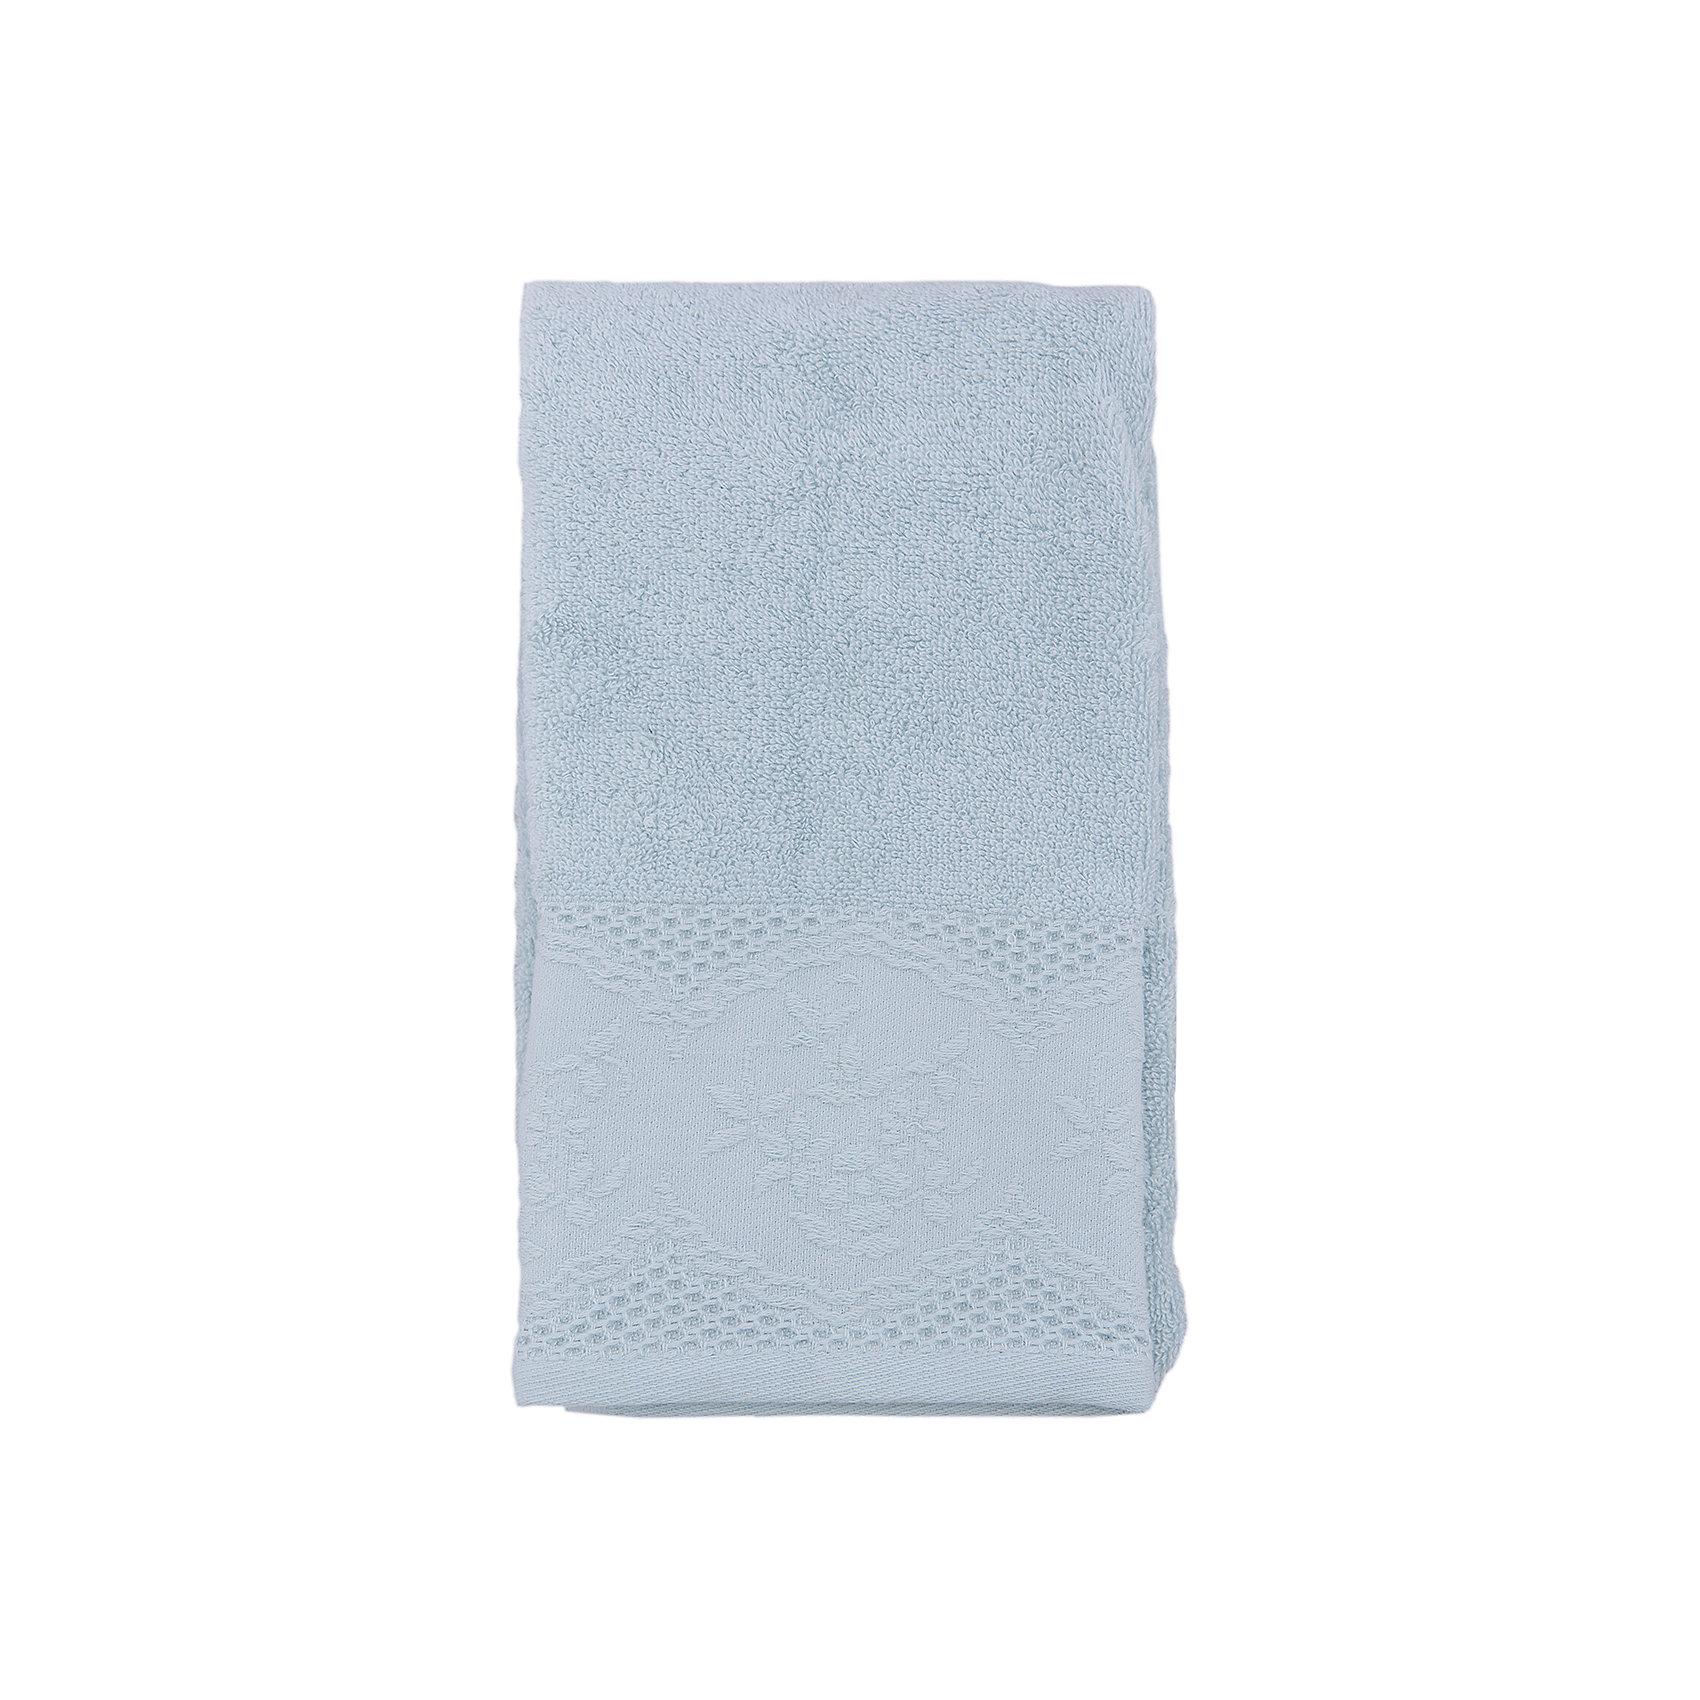 TAC Полотенце WAYNE махровое 50*90, TAC, светло-голубой tac полотенце bloom махровое 50 90 бамбук tac сиреневый